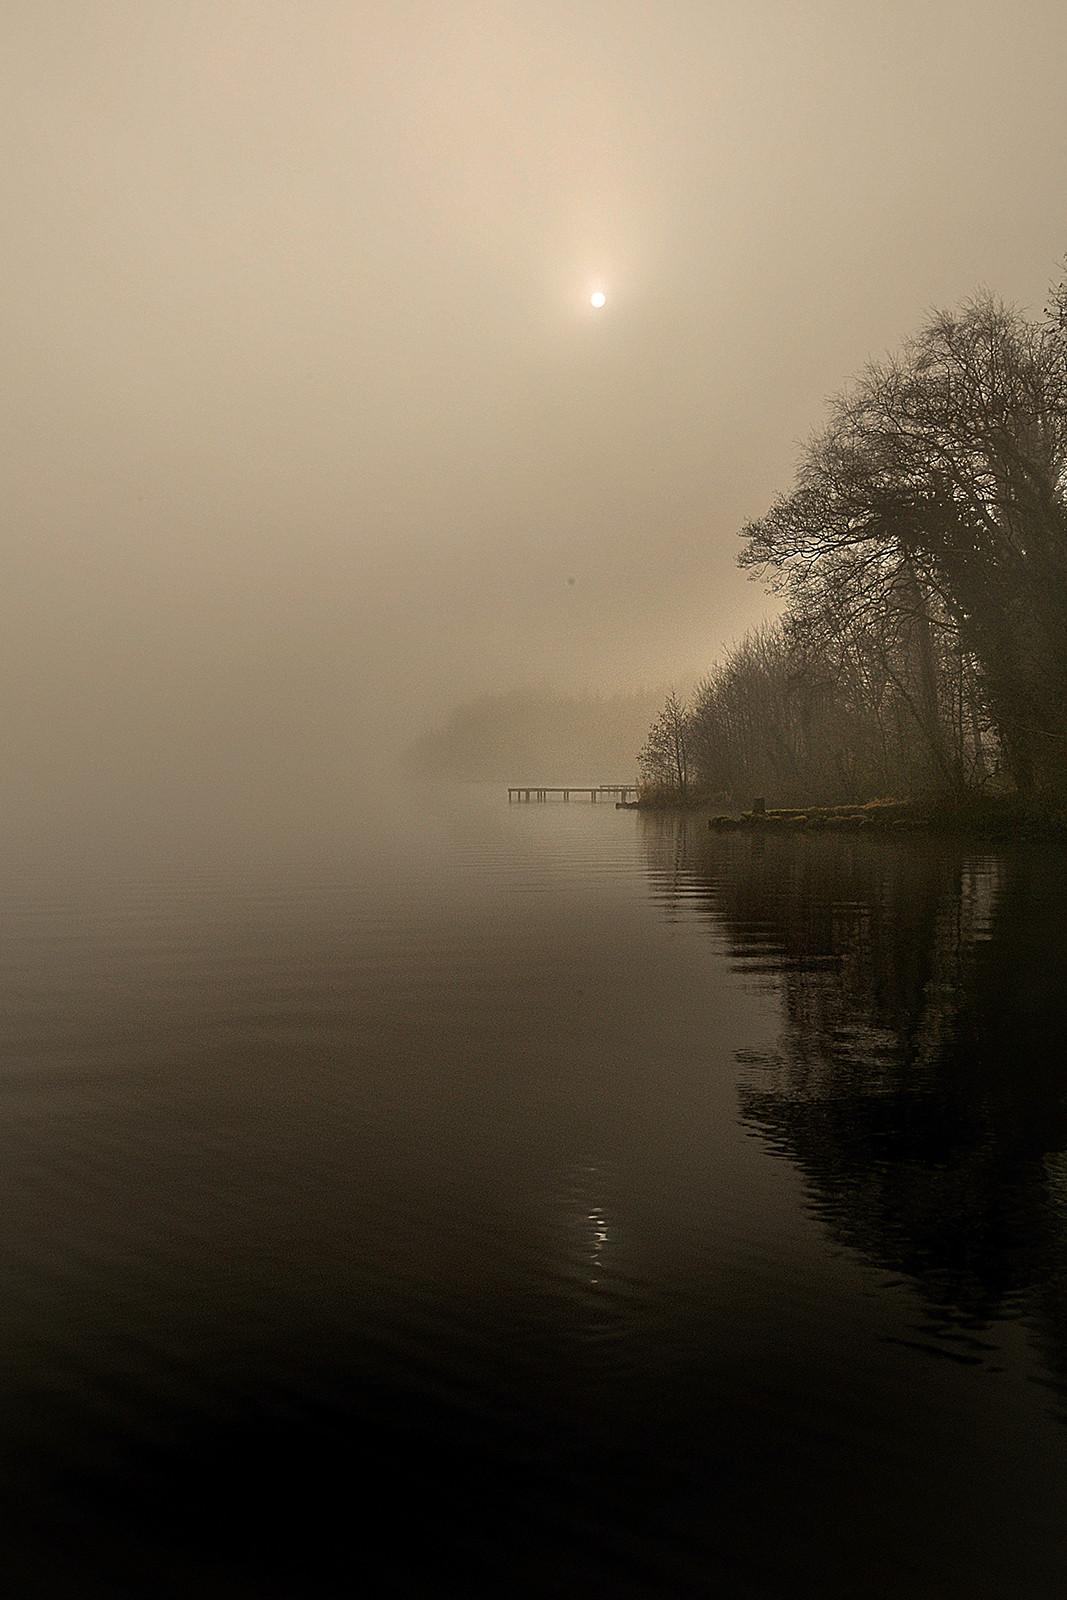 PDI - Misty morn by G Cassidy (10 marks)